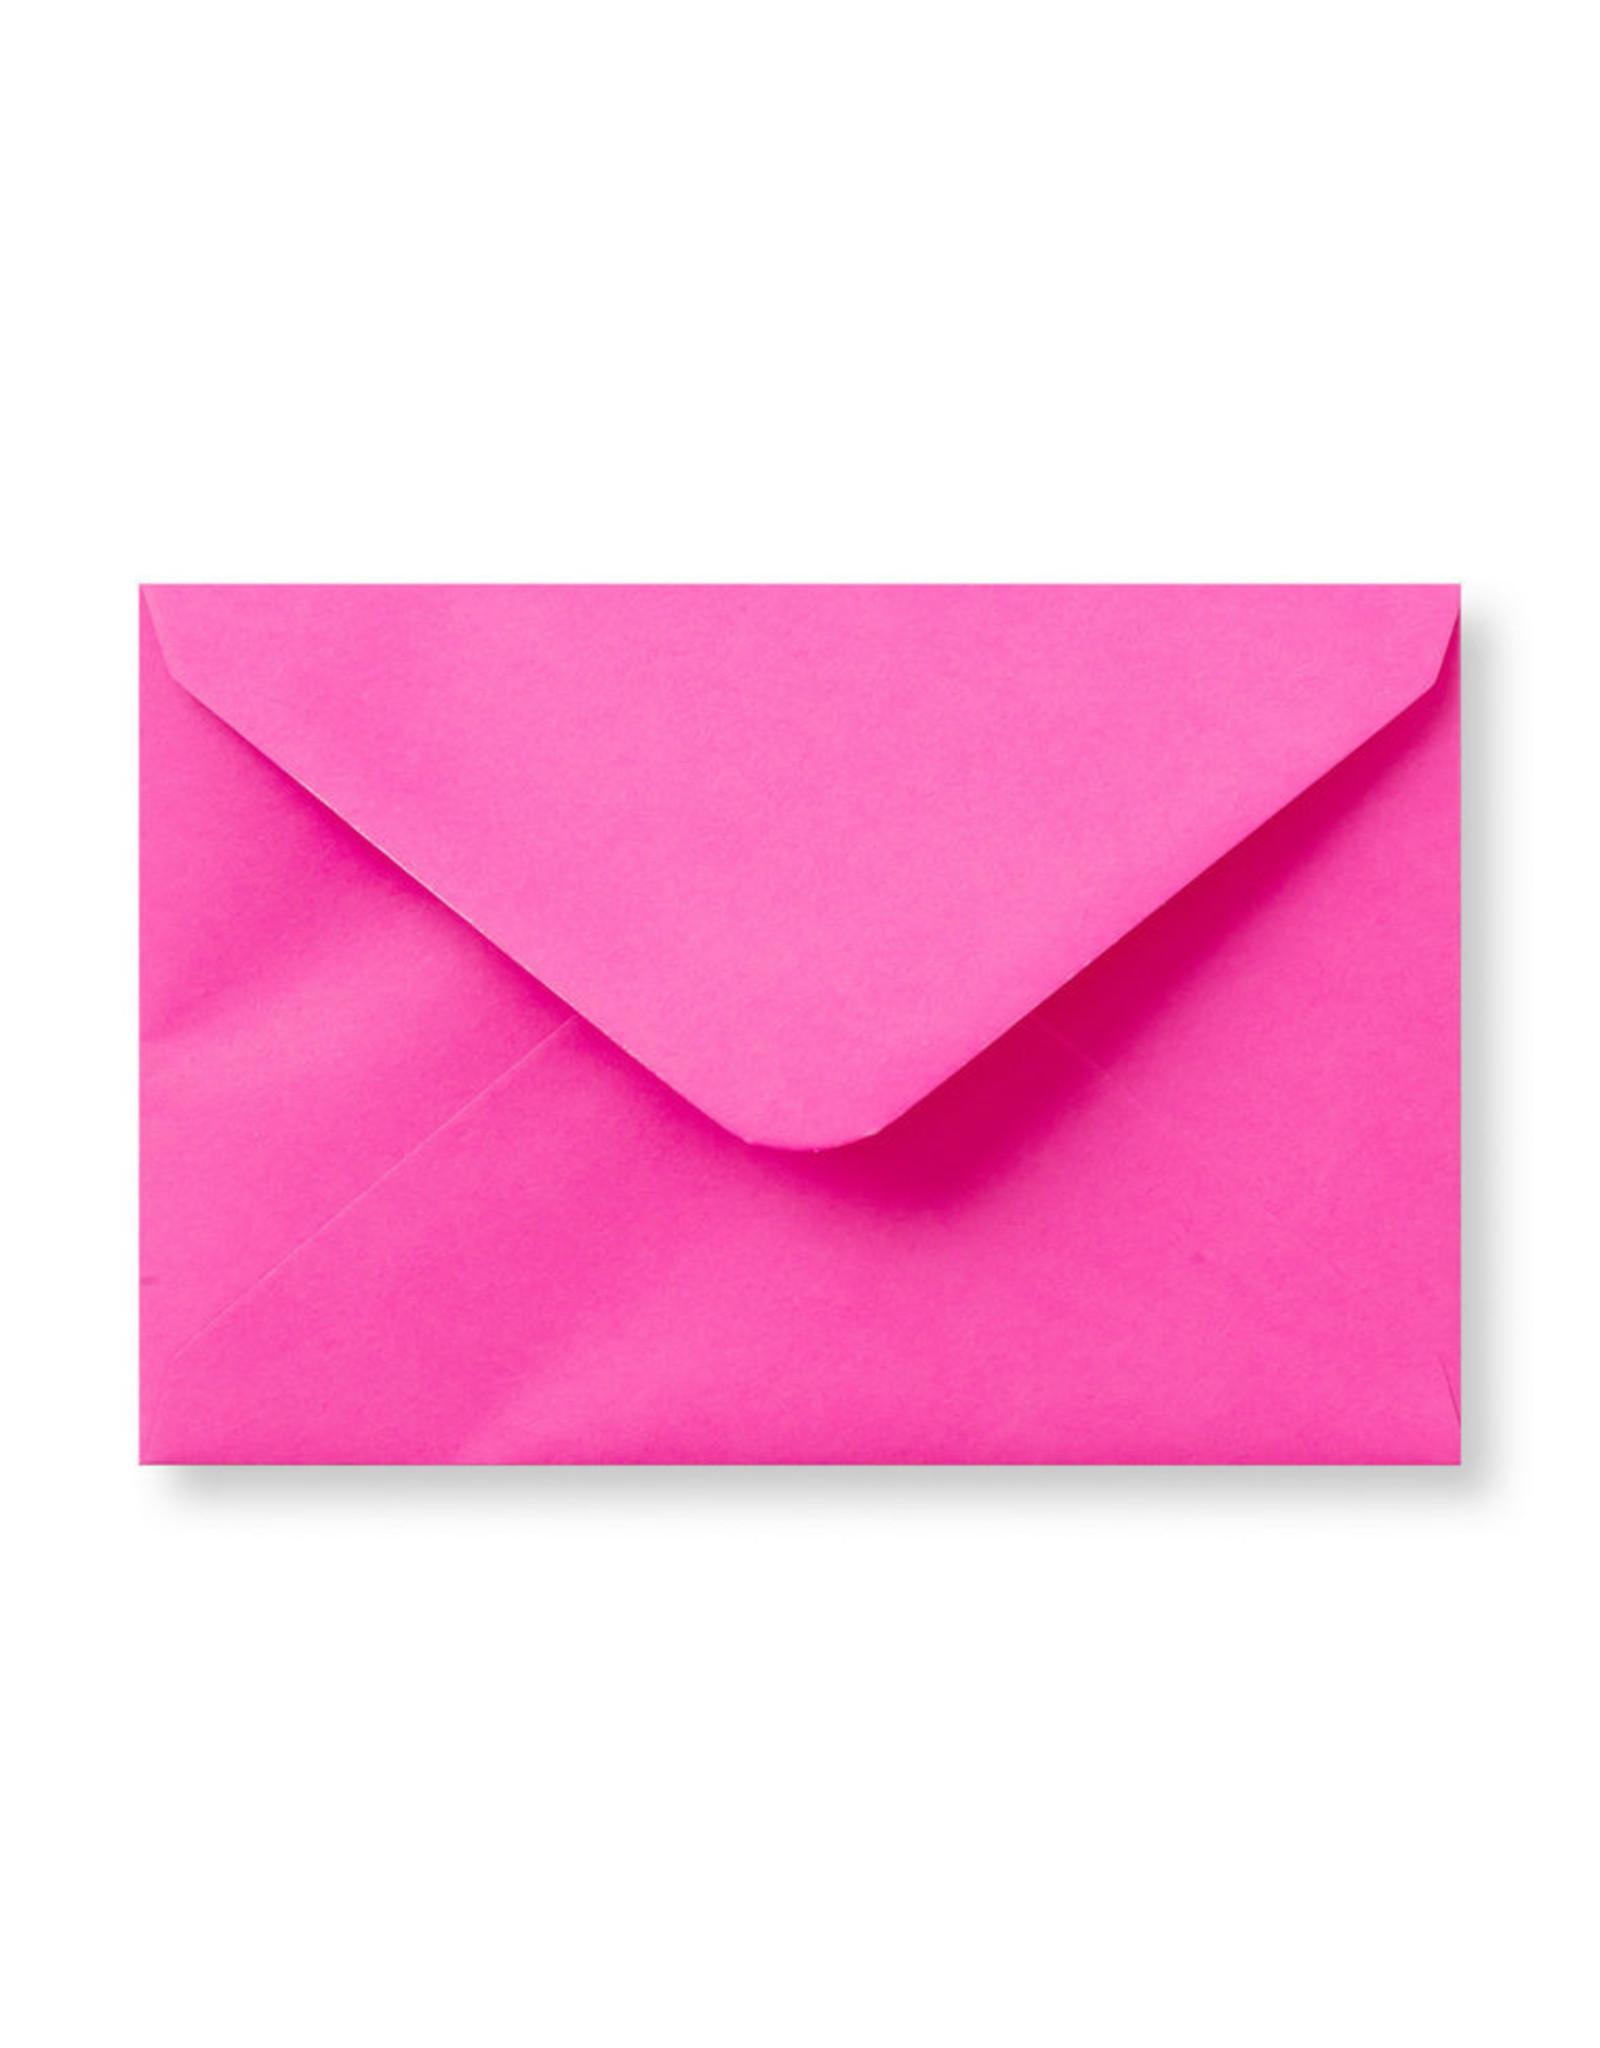 www.Robin.cards Blanco effen envelop Felroze